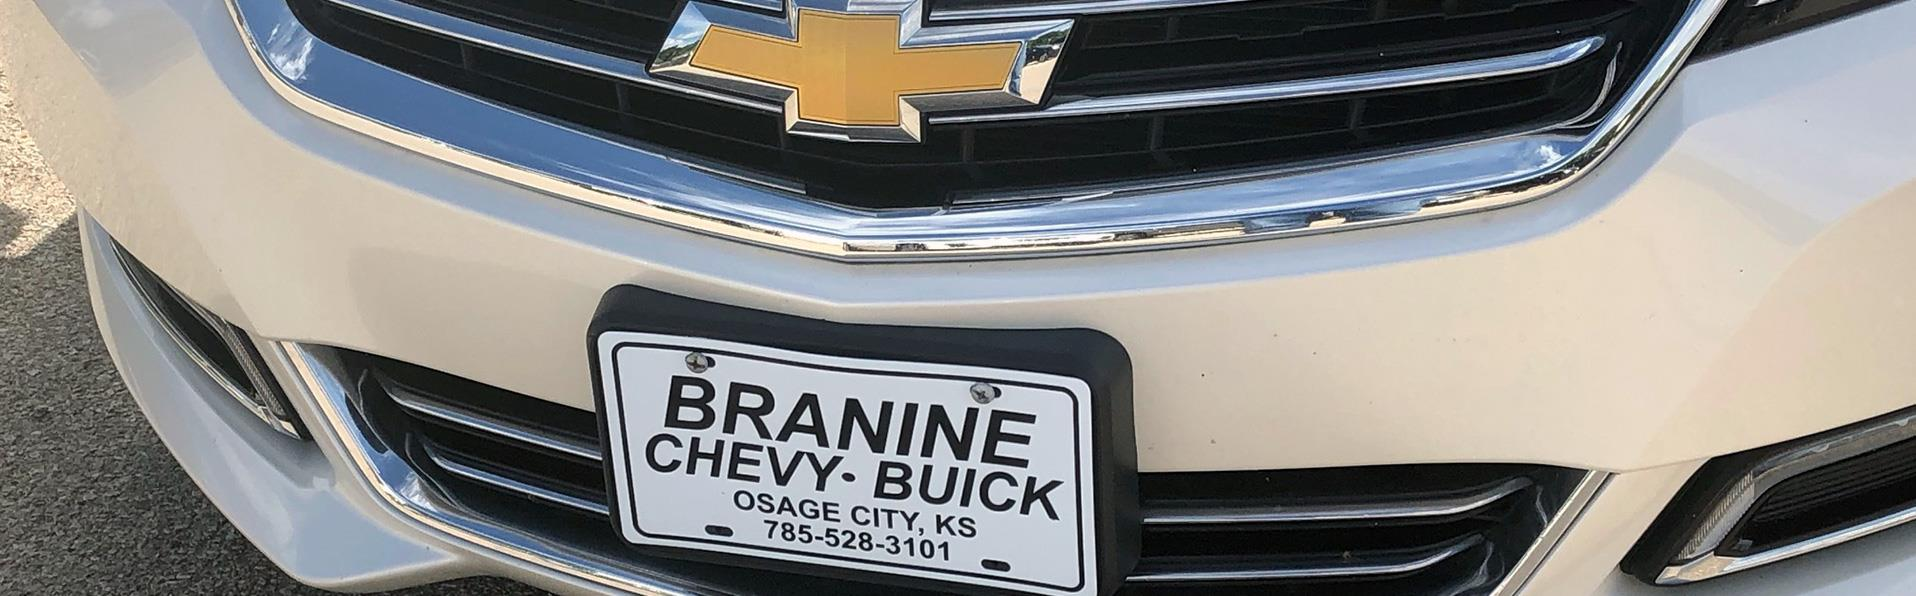 Used Cars Osage City Ks Used Cars Trucks Ks Branine